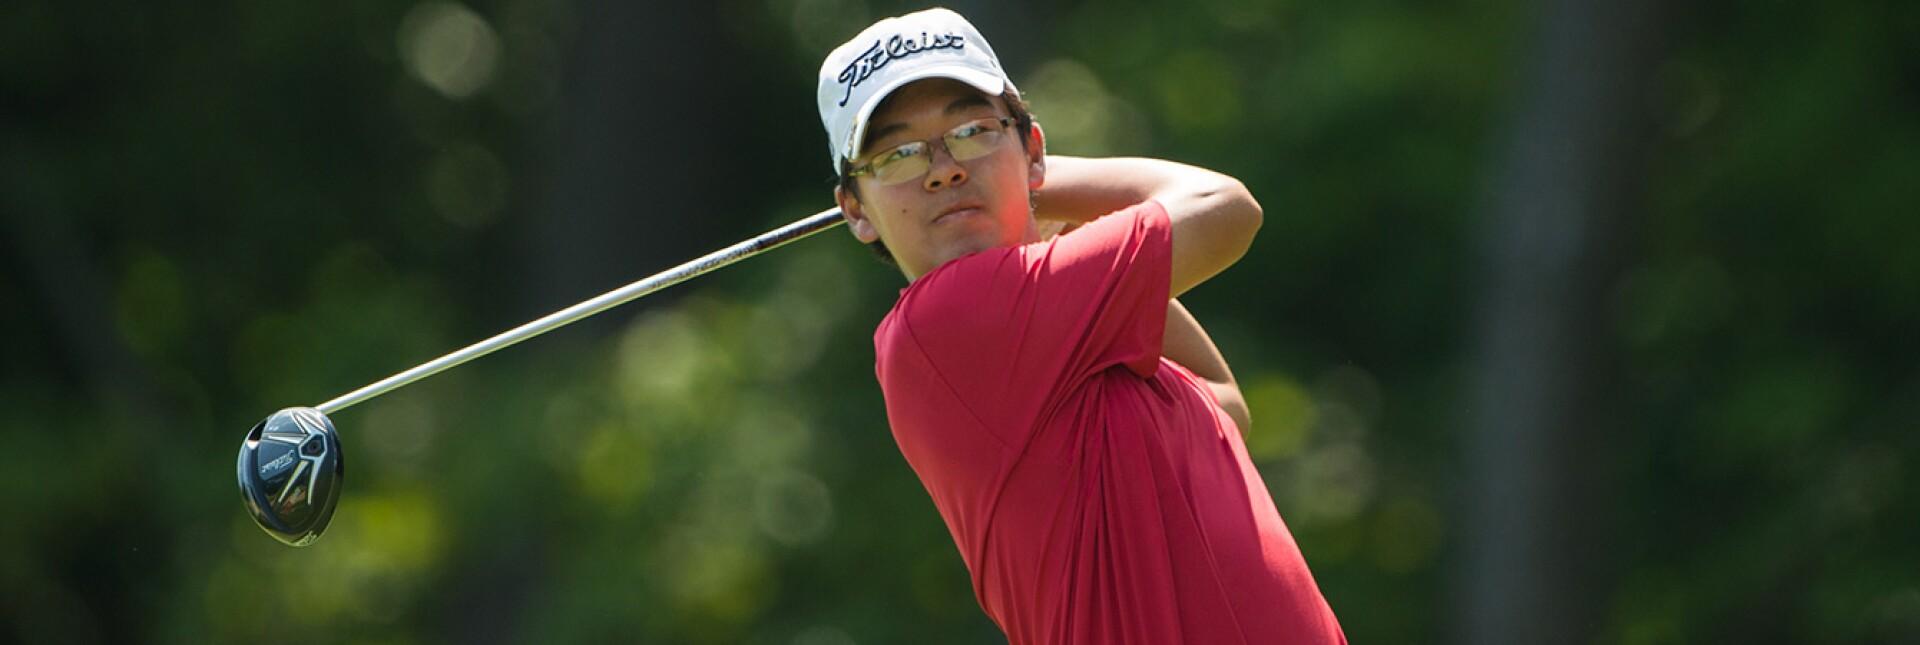 Eugene-Hong-Junior-Ryder-Cup.jpg